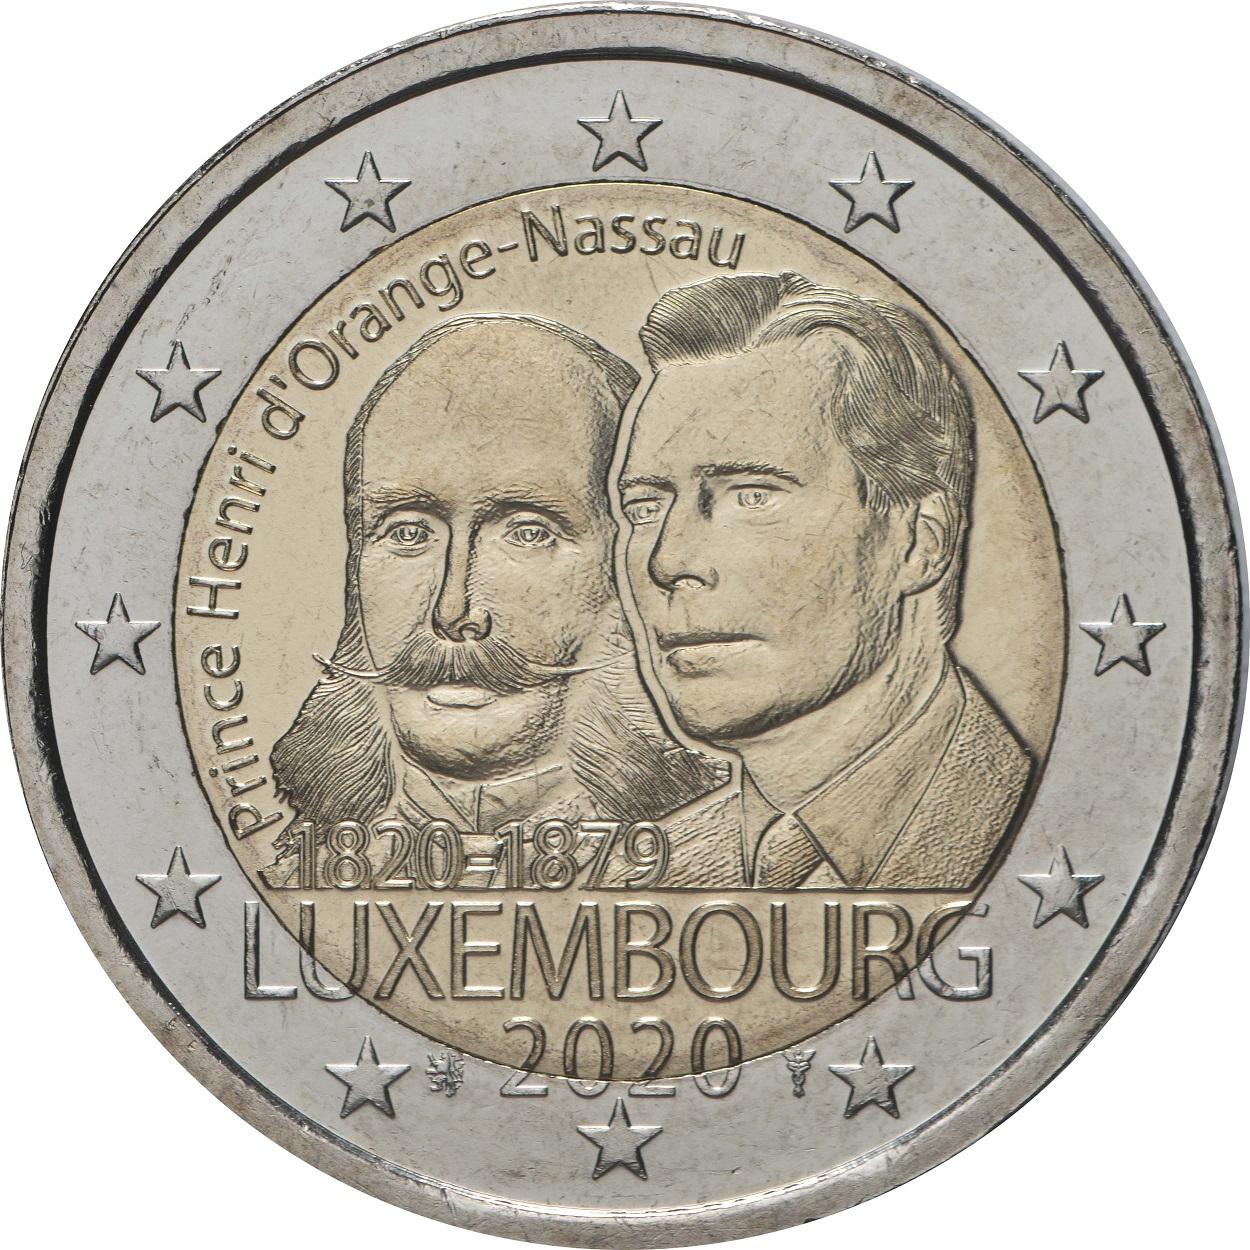 2020 370 Luxemburg Prinz Henri.jpg